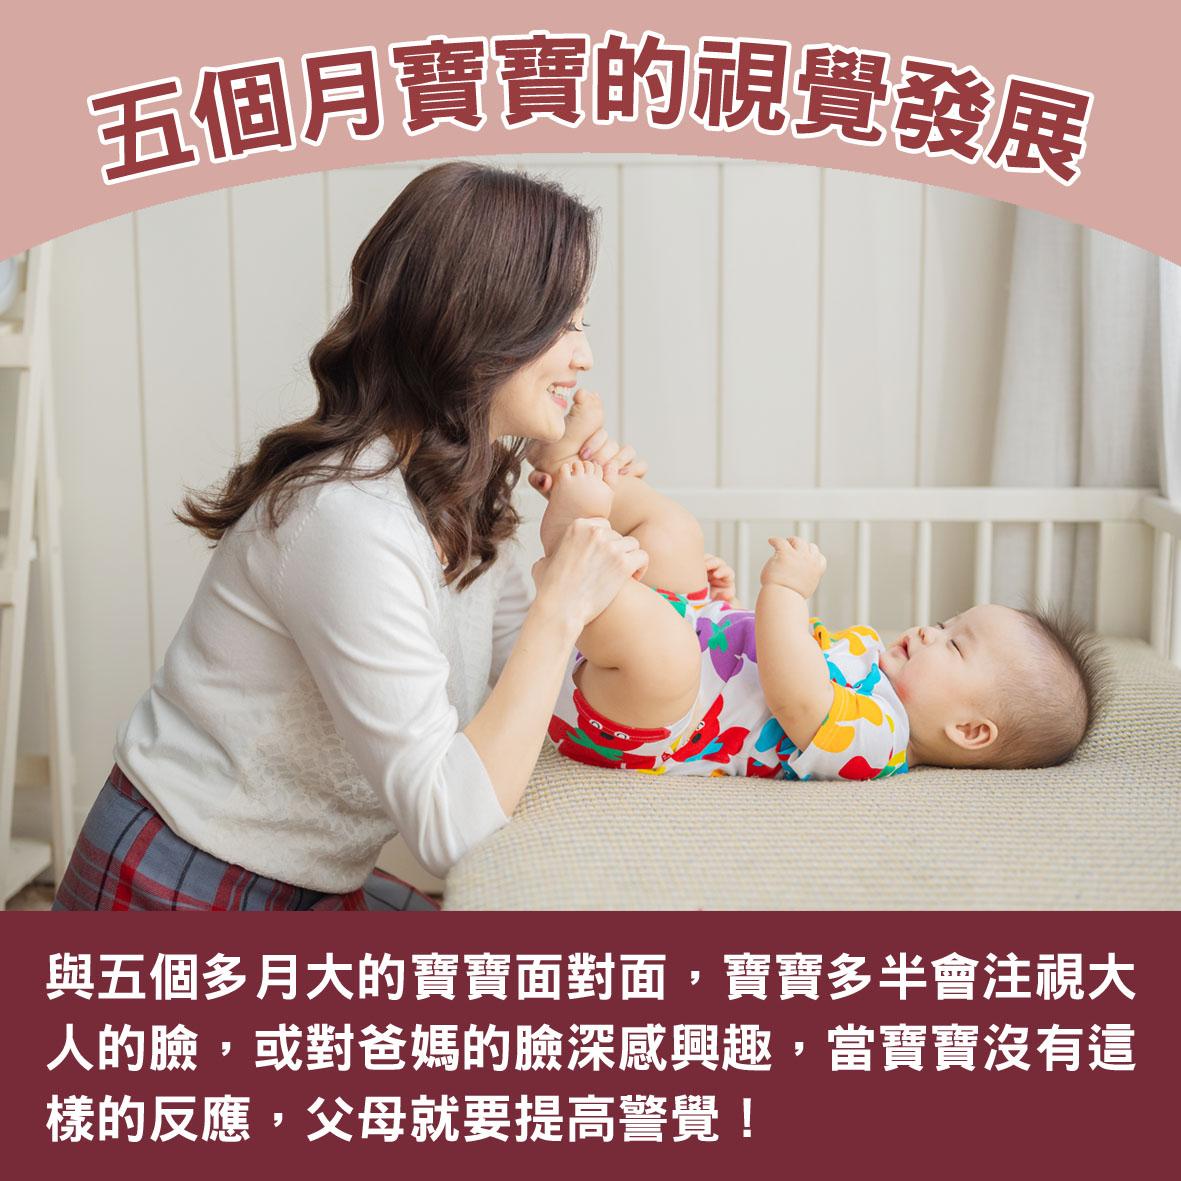 寶寶篇第22週-五個月寶寶的視覺發展